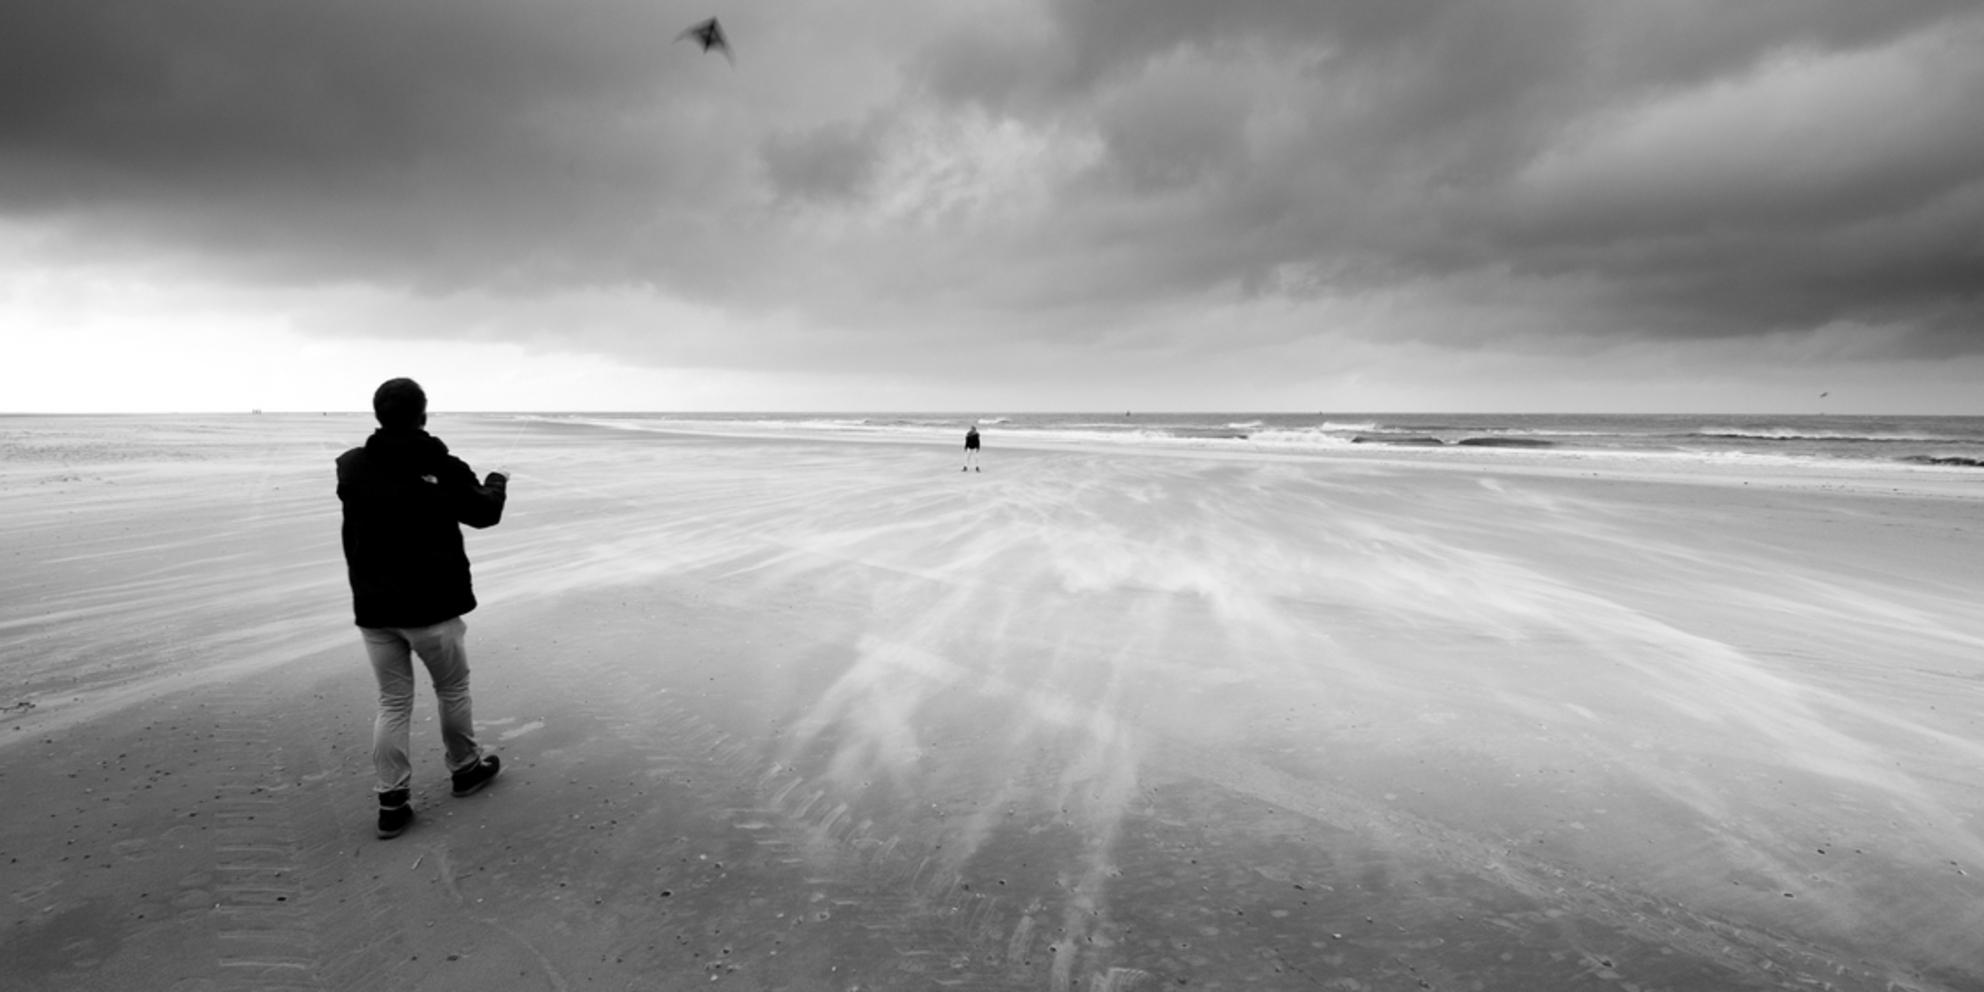 Vliegeren - - - foto door jelmerjeuring op 29-03-2014 - deze foto bevat: lucht, wolken, strand, water, natuur, herfst, vakantie, duinen, storm, zand, zwartwit, waaien, vliegeren - Deze foto mag gebruikt worden in een Zoom.nl publicatie